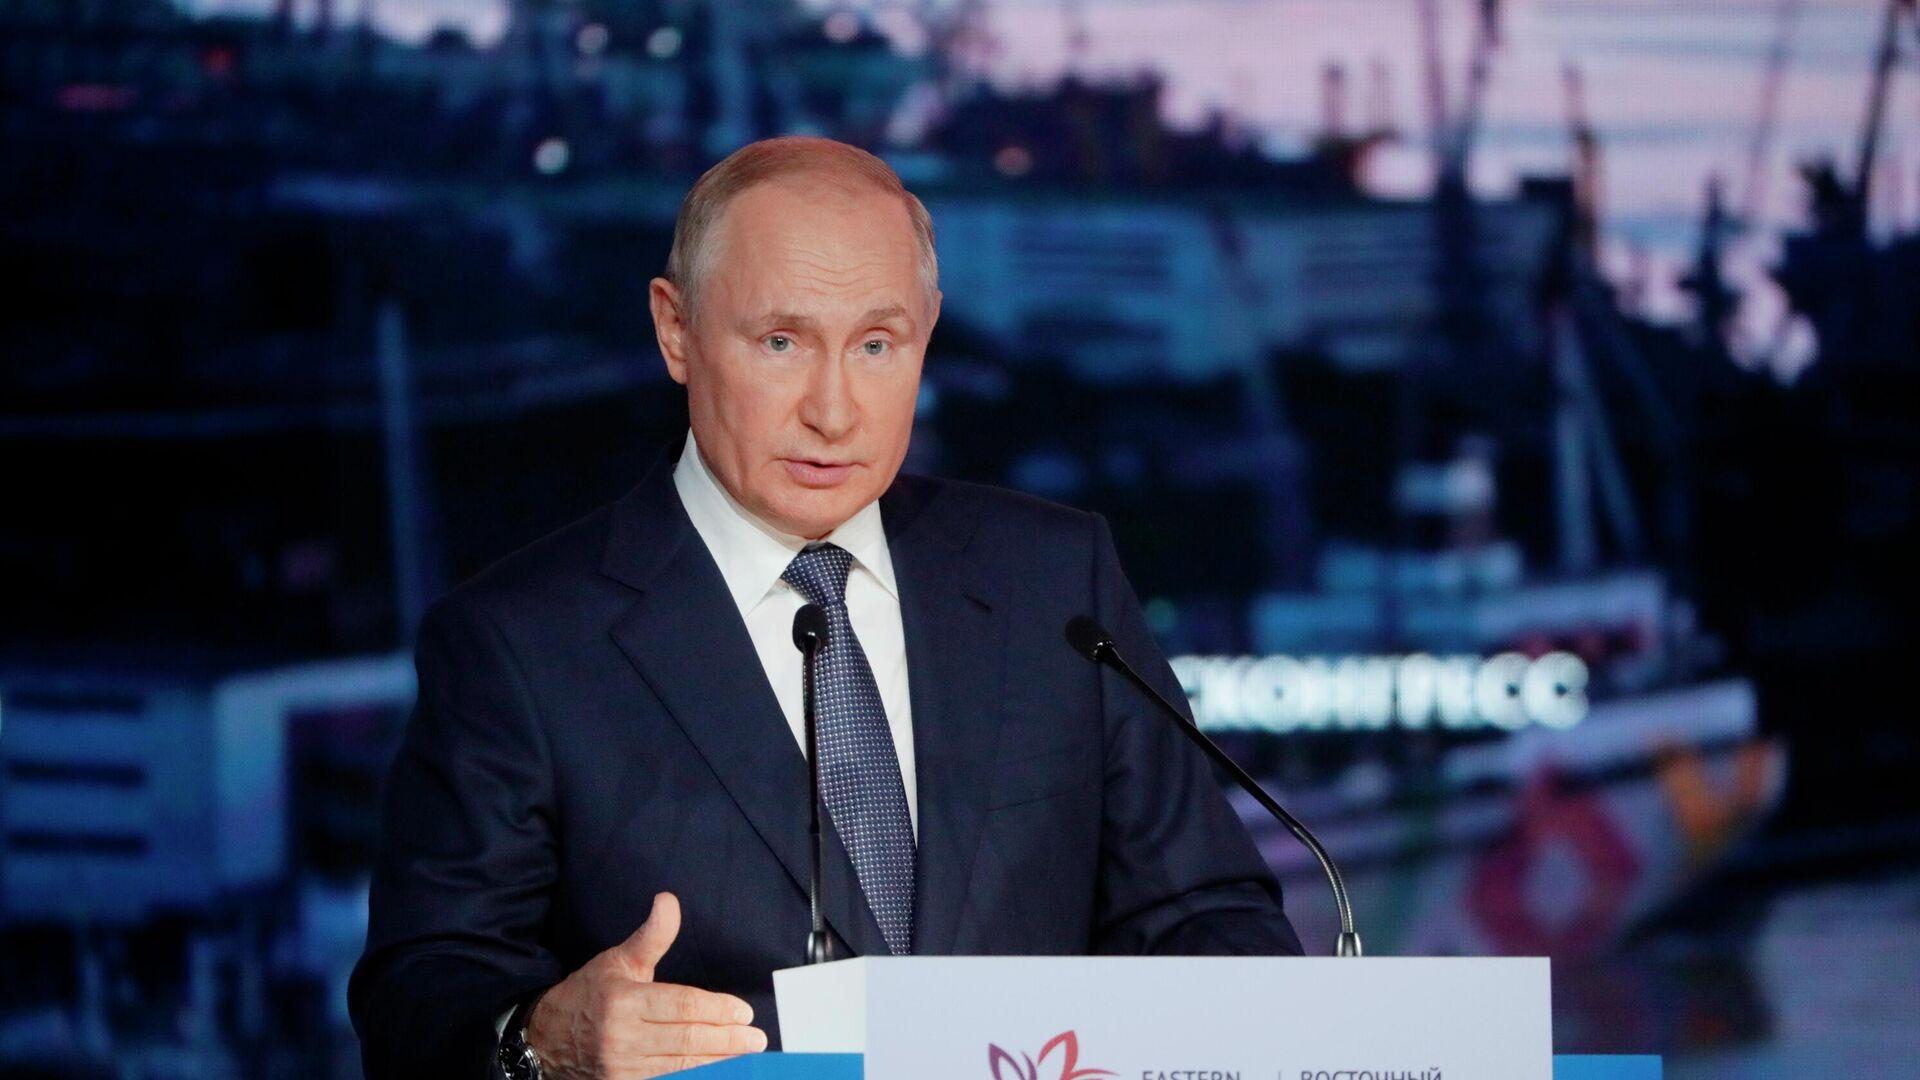 Президент РФ Владимир Путин выступает на пленарном заседании в рамках Восточного экономического форума во Владивостоке - РИА Новости, 1920, 10.09.2021